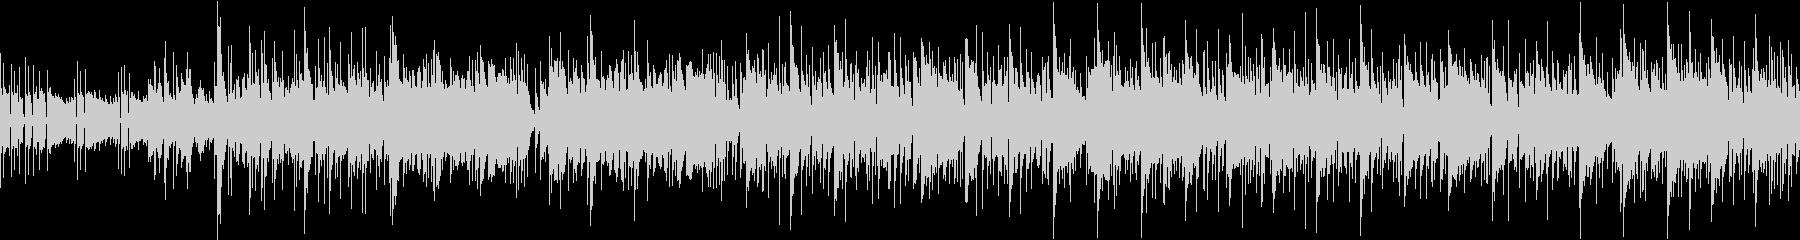 スラップベースが主張している曲の未再生の波形